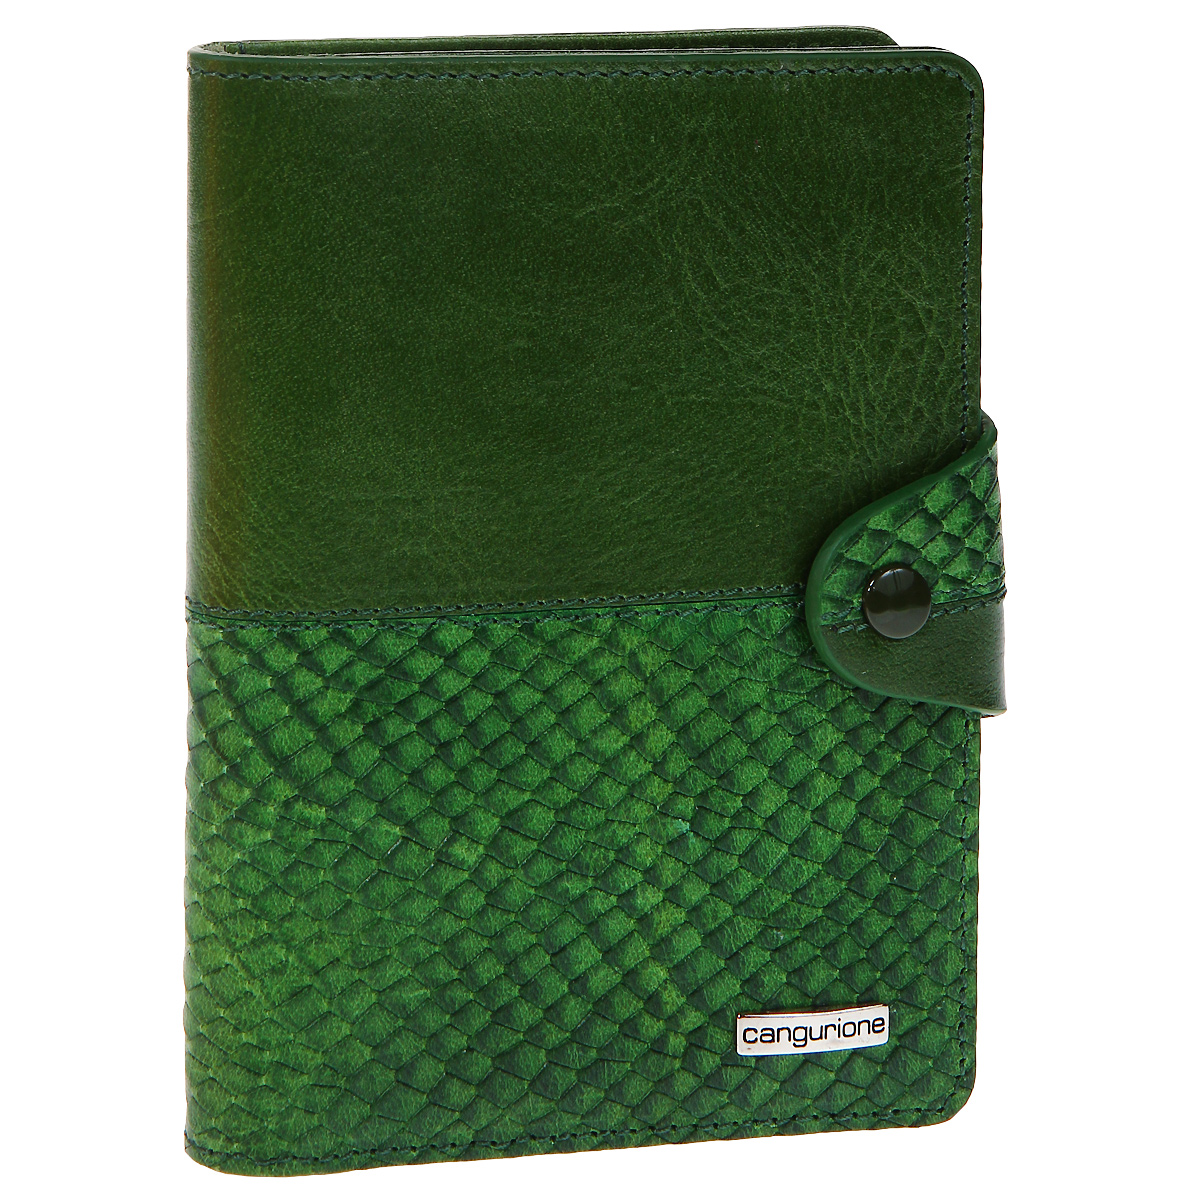 Обложка для автодокументов Cangurione, цвет: зеленый. 3341-009 DP-ANCA52_108Обложка для автодокументов Cangurione выполнена из натуральной кожи зеленого цвета с декоративным тиснением под крокодила. На внутреннем развороте - 4 кармашка для пластиковых и кредитных карт, потайное отделение, окошко для фотографии и два кармашка для документов. Обложка закрывается при помощи хлястика на кнопку. Обложка не только поможет сохранить внешний вид ваших документов и защитит их от повреждений, но и станет стильным аксессуаром, который подчеркнет ваш неповторимый стиль. Обложка упакована в коробку из плотного картона с логотипом фирмы. Характеристики:Материал: натуральная кожа, металл. Цвет: зеленый. Размер обложки: 10 см х 13,5 см х 1,5 см. Размер упаковки: 11,5 см х 15,5 см х 2 см. Артикул: 3341-009 DP-ANC/Green.